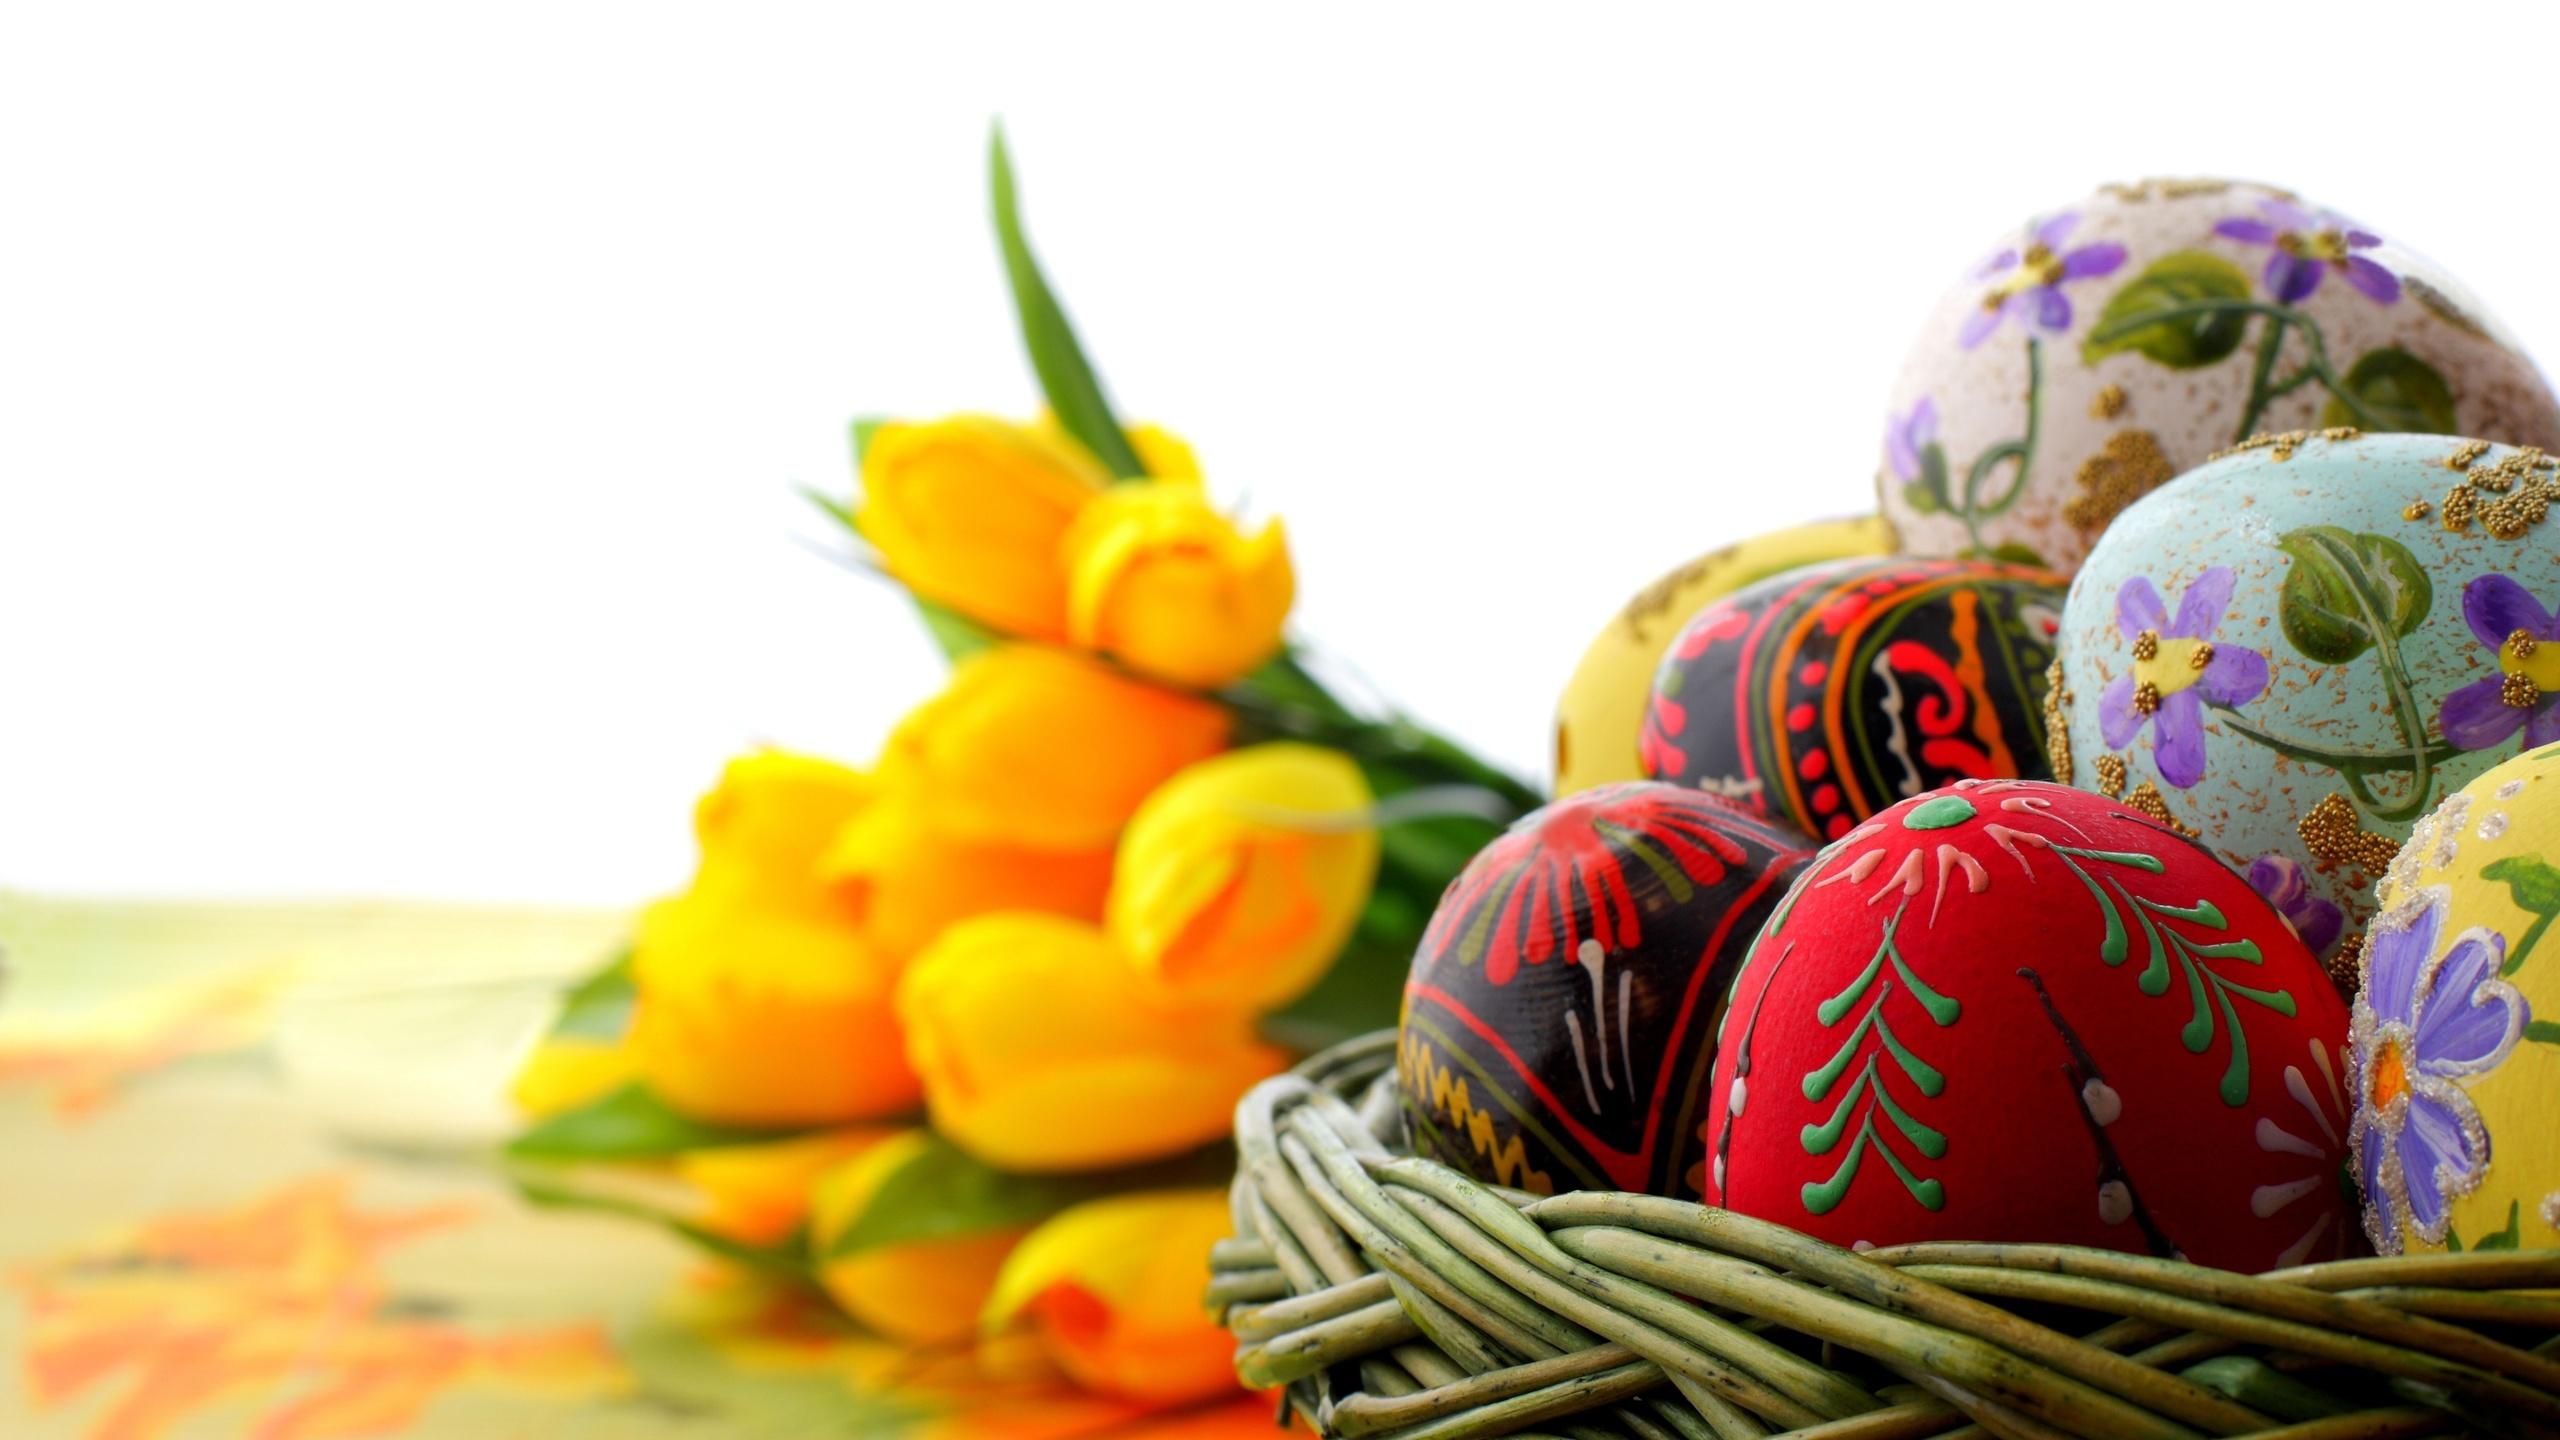 70% українців регулярно відзначають Великодень, - дослідження - фото 1